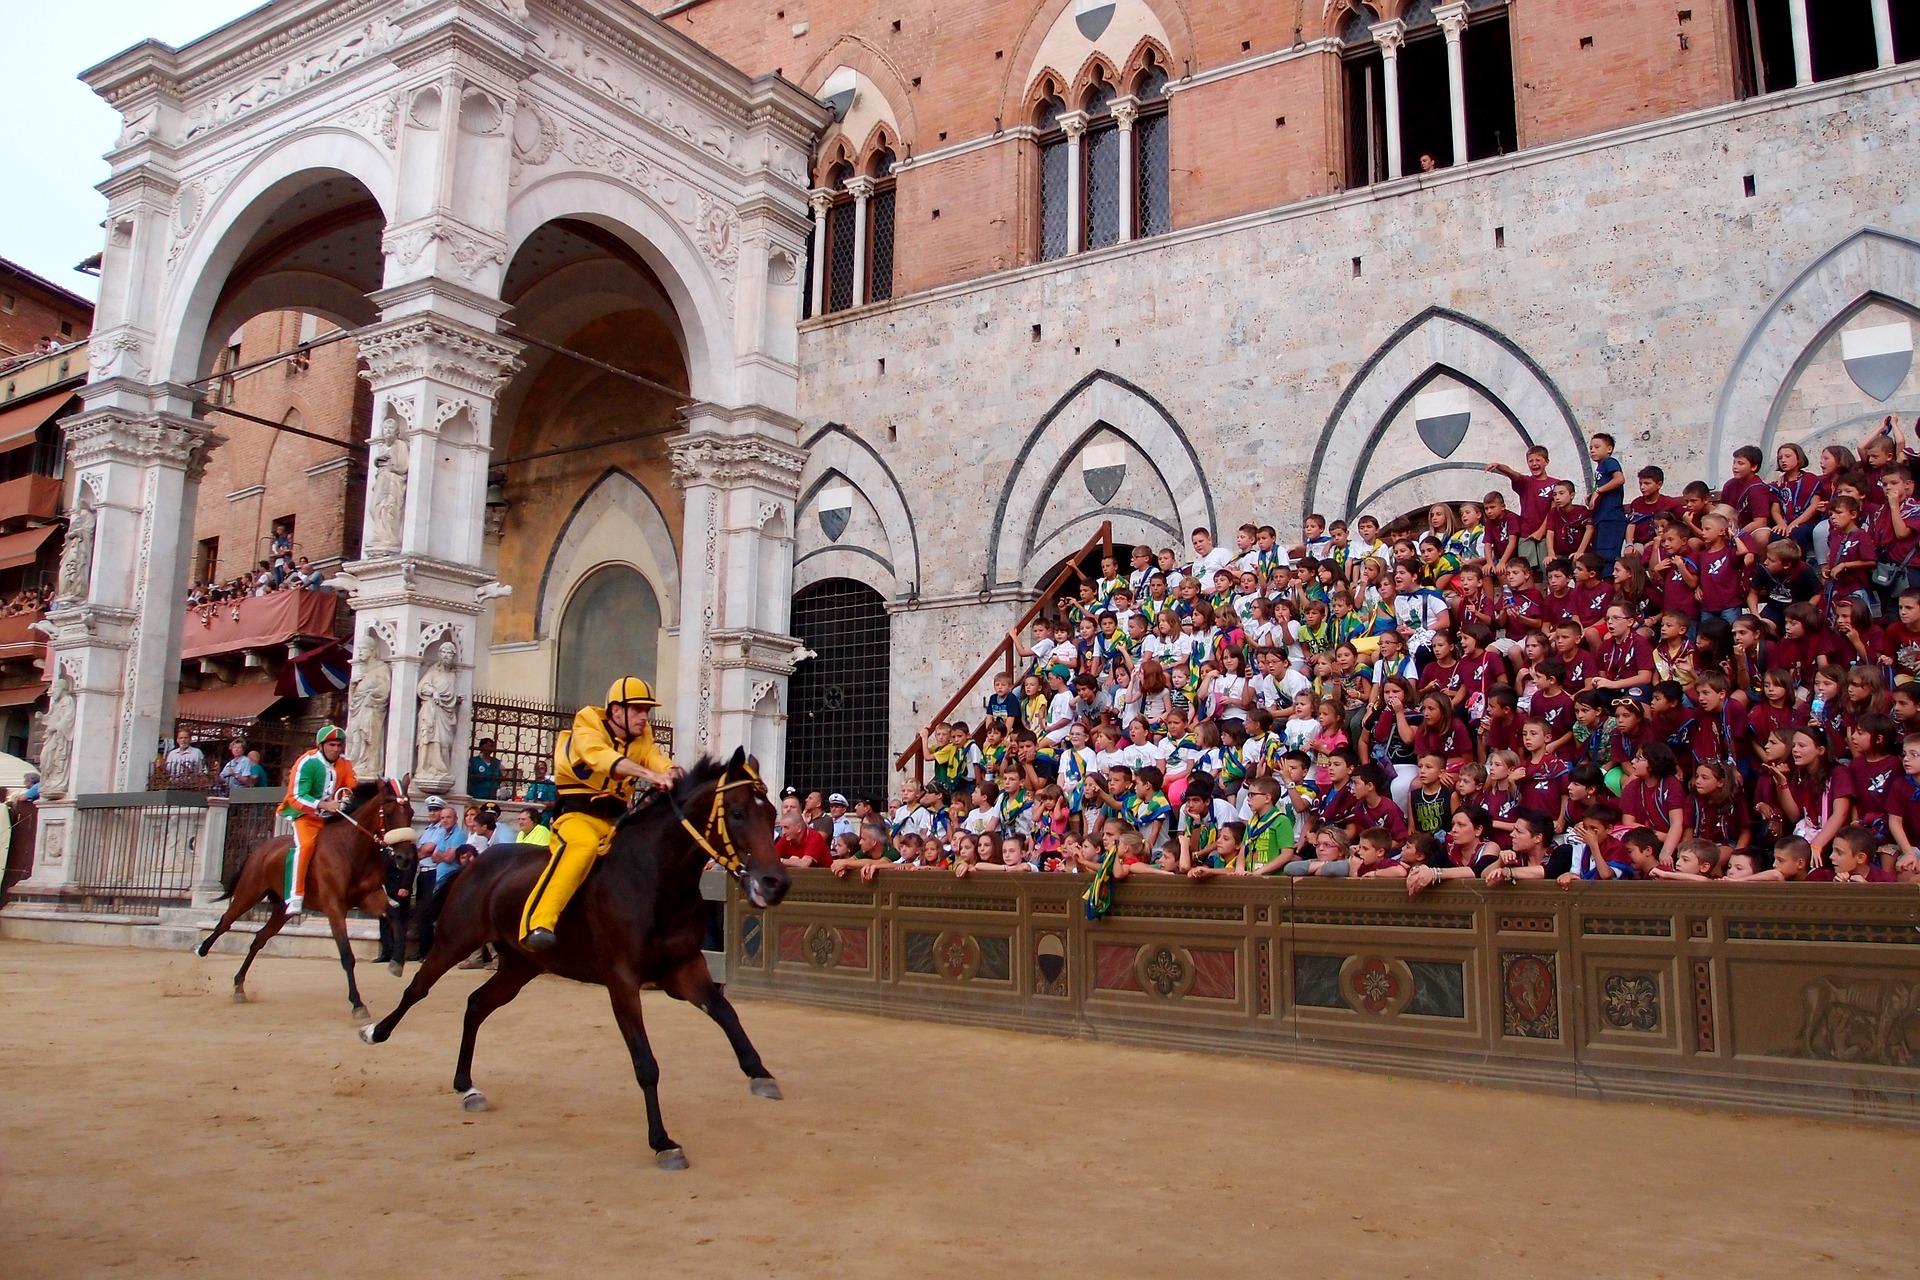 اسب دوانی ایتالیا